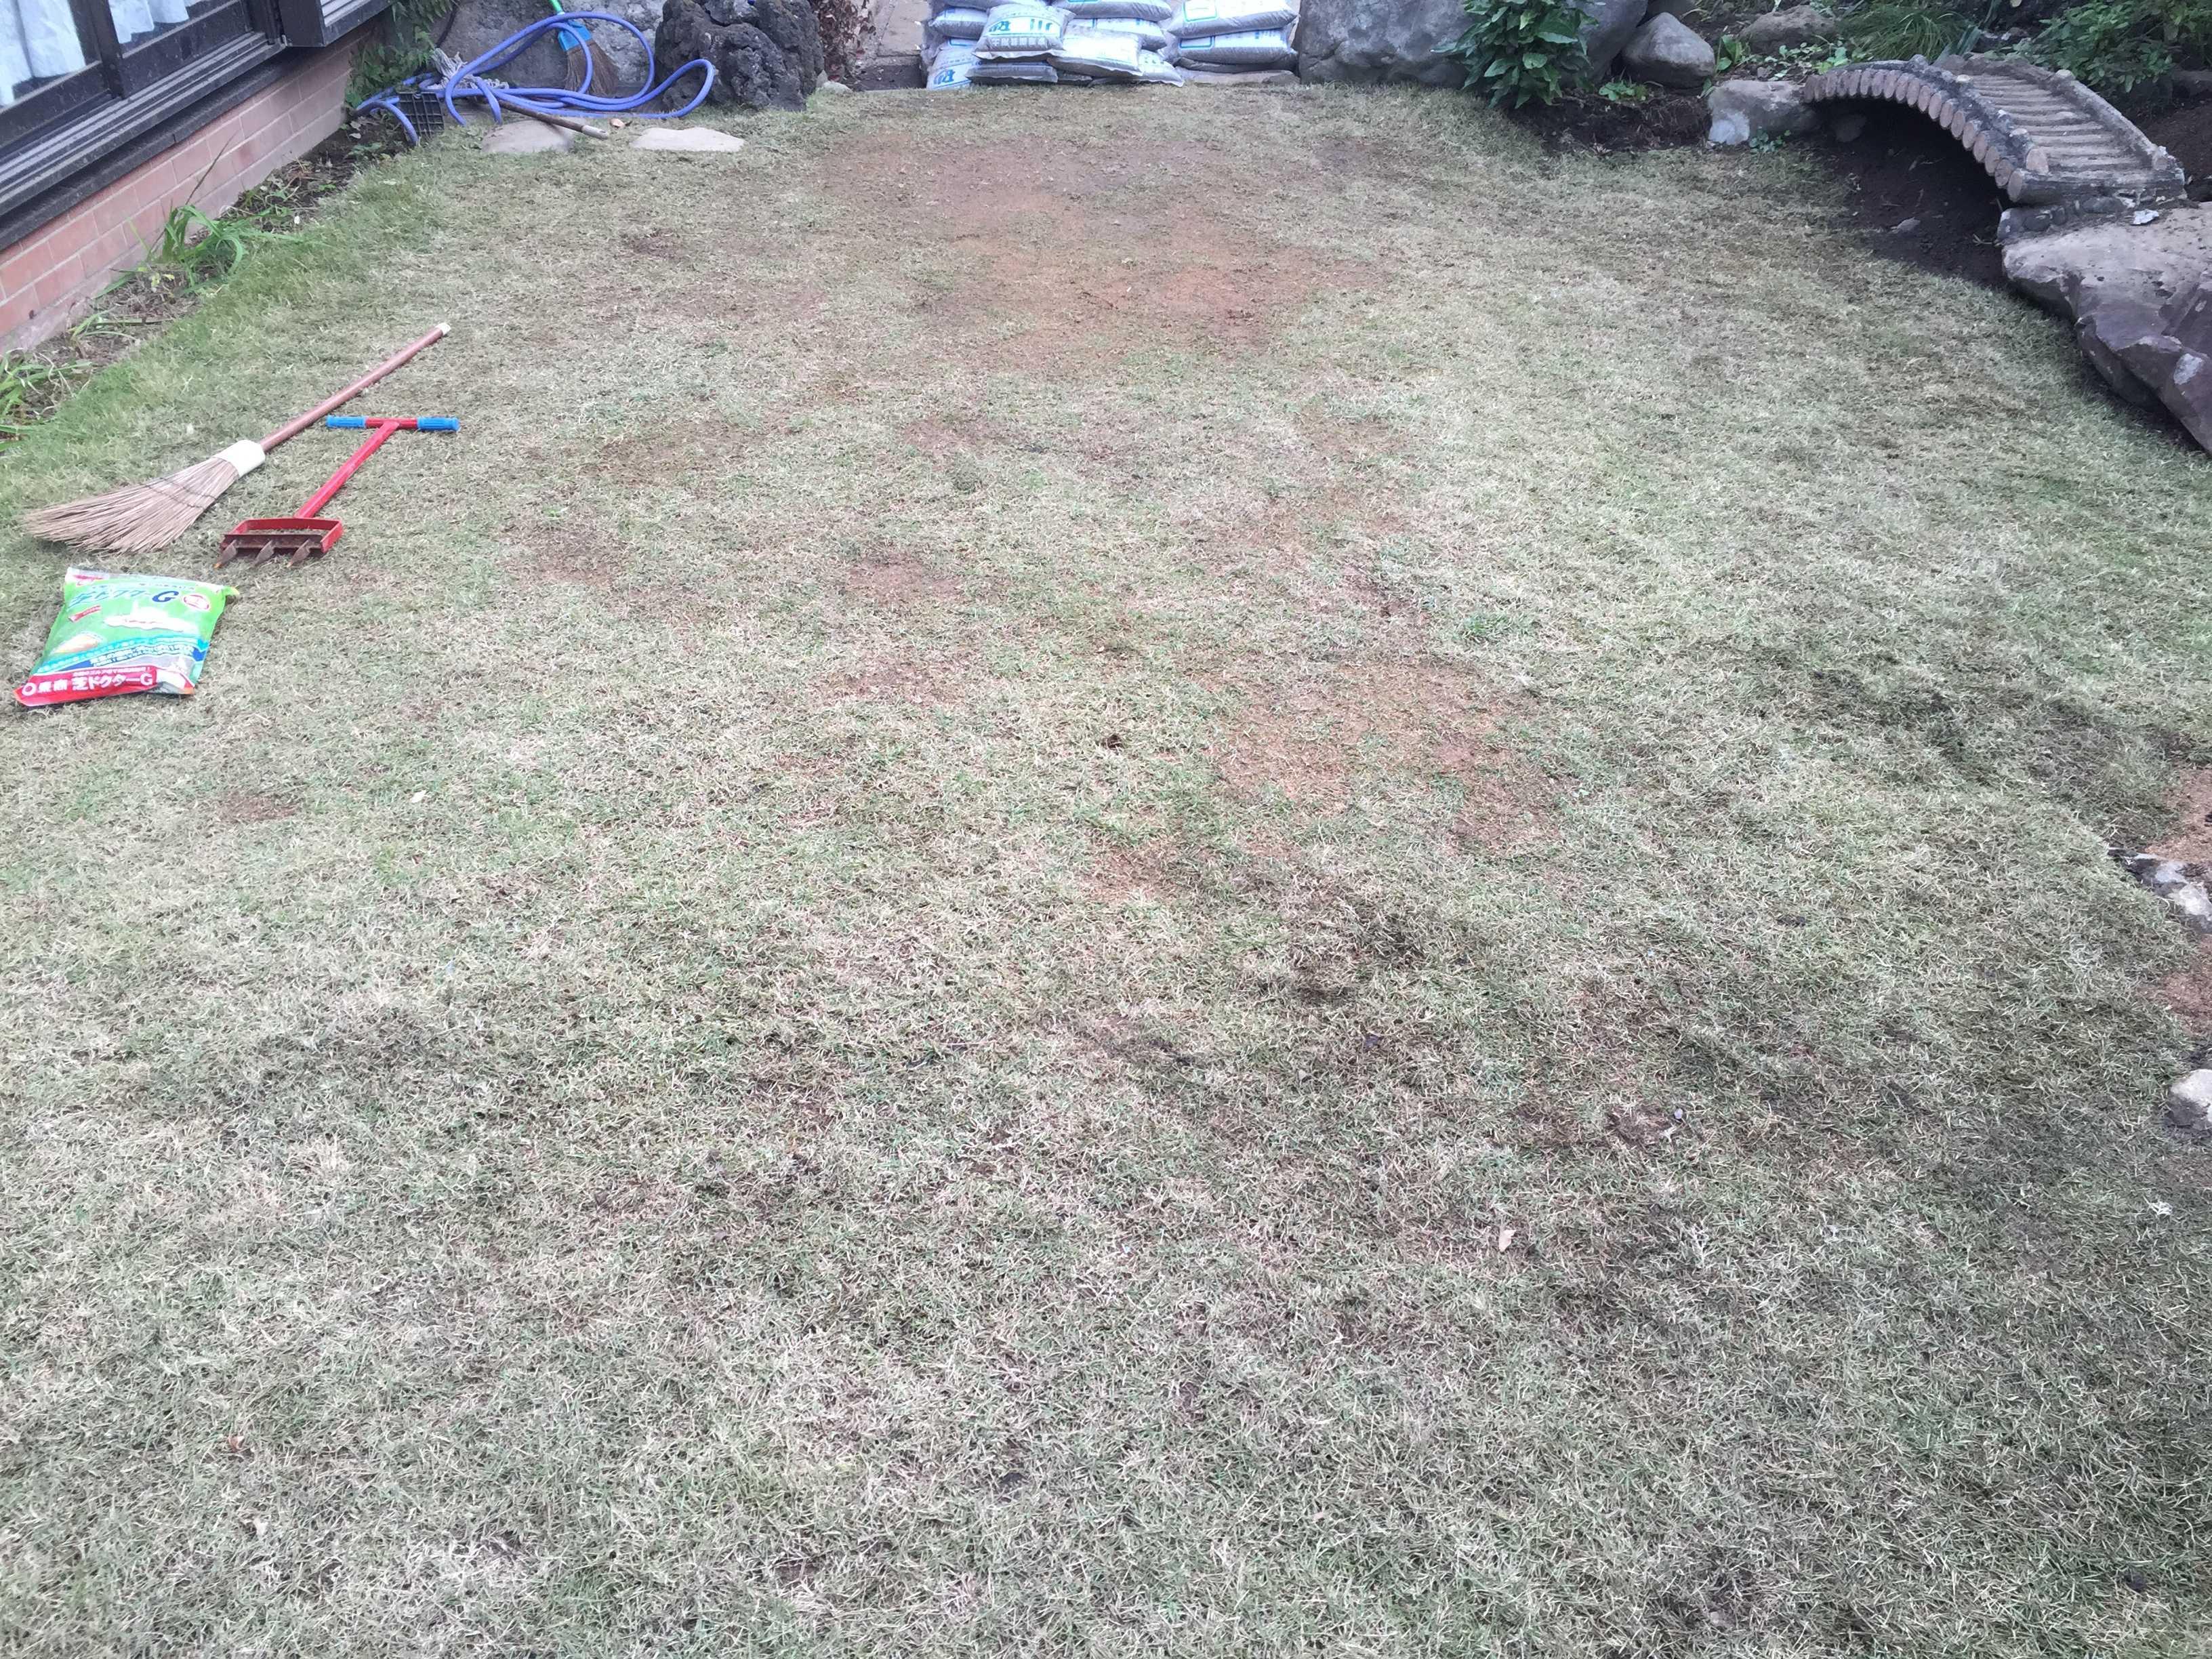 TM9 - 貼り付け後 5ヶ月。エアレーション前の芝生・TM9(ティーエムナイン)